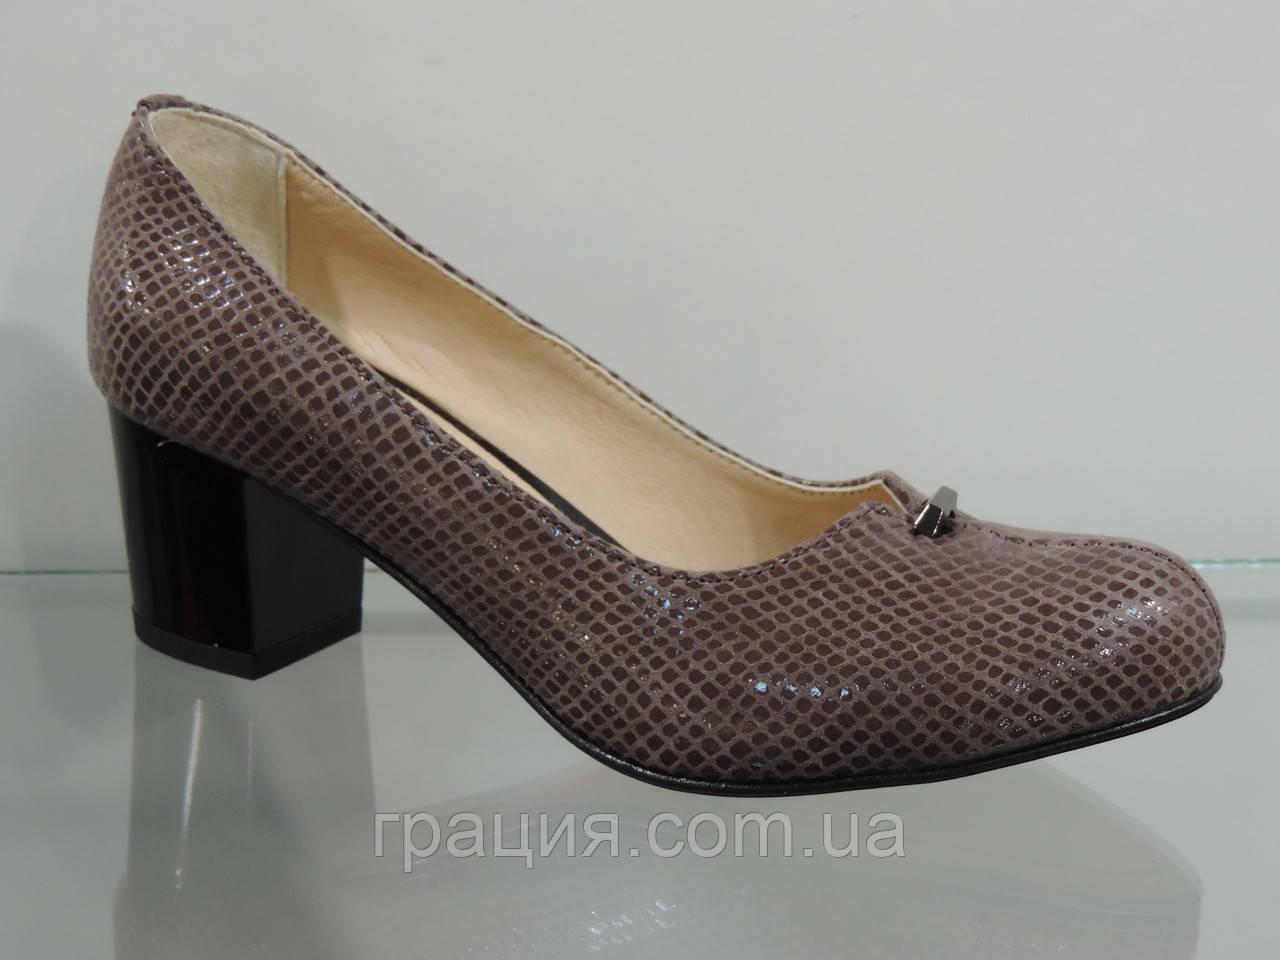 Жіночі туфлі натуральні на більшому підборах рептилія